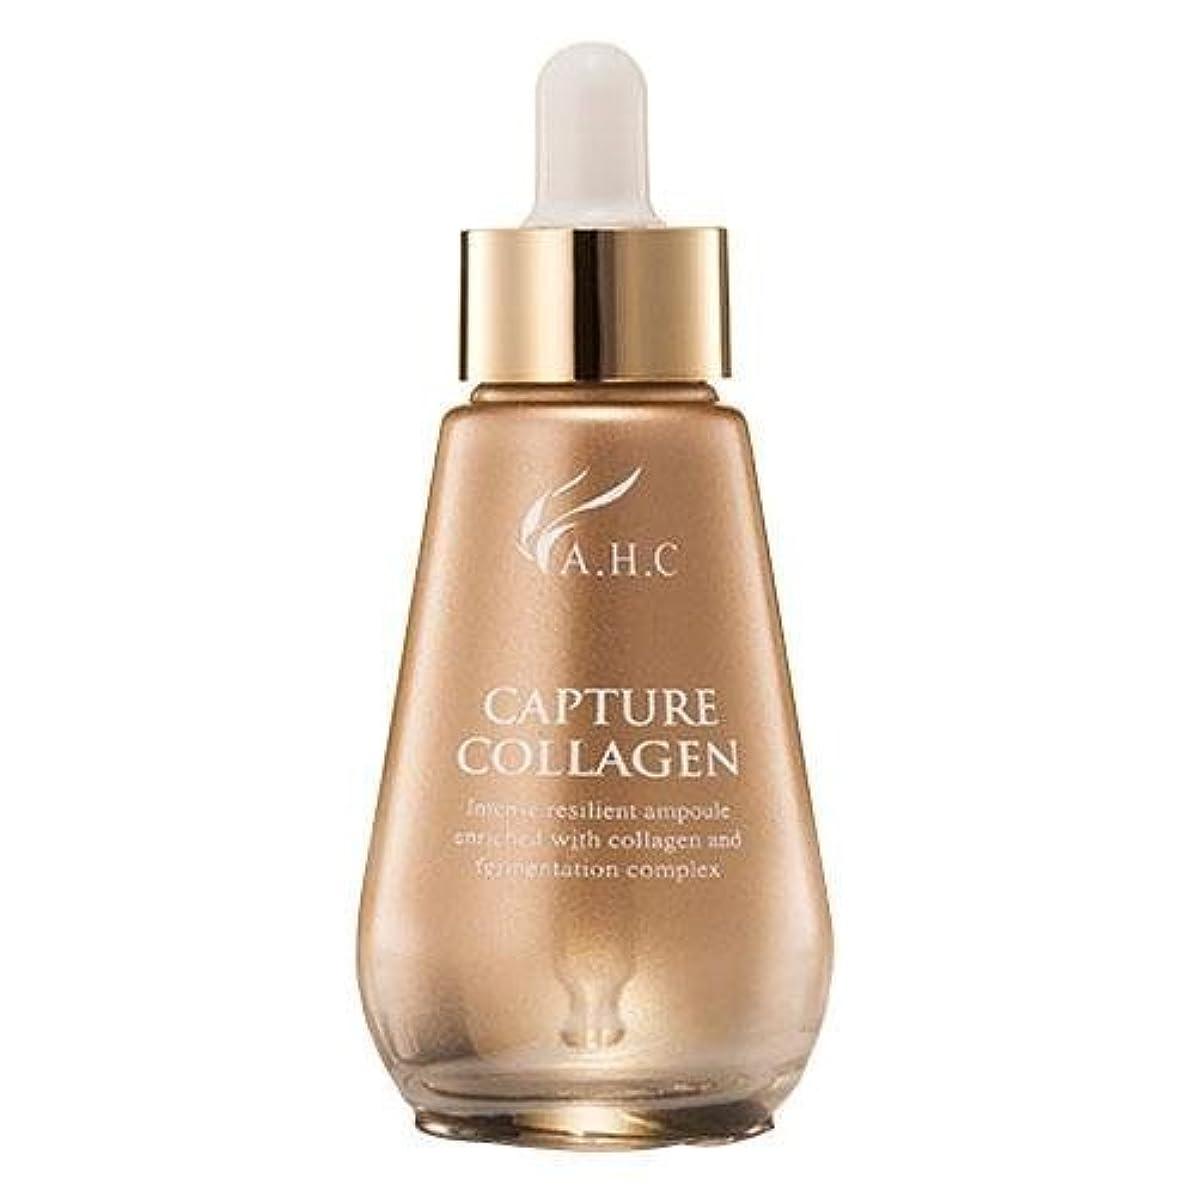 代替第三再生可能A.H.C Capture Collagen Ampoule/ Made in Korea